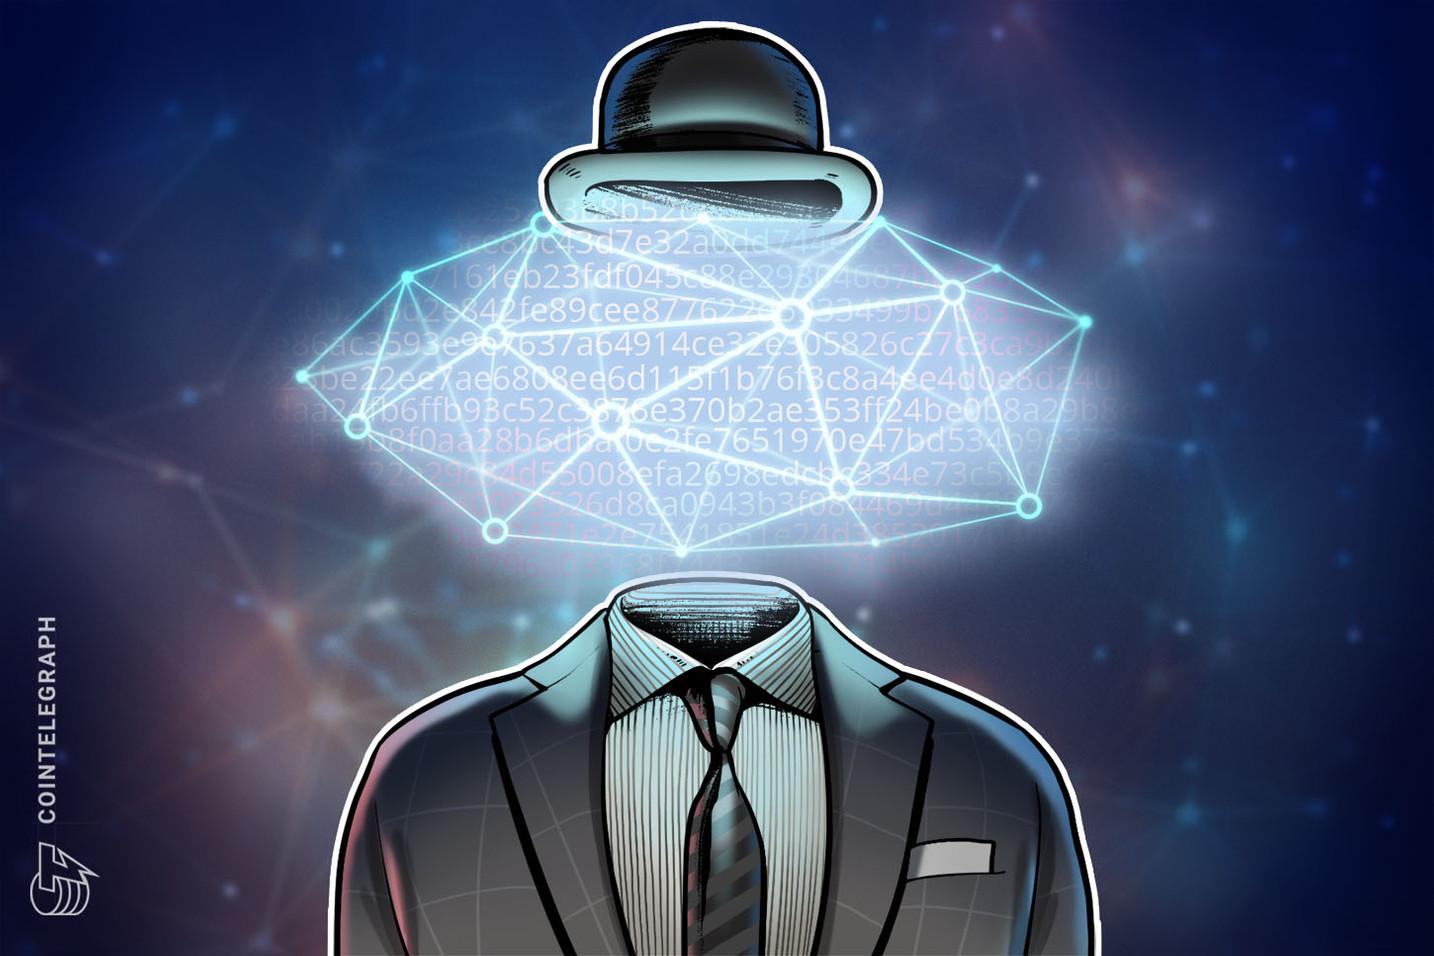 Il vecchio CTO di Ripple ha perso l'accesso a migliaia di Bitcoin, conferma David Schwartz